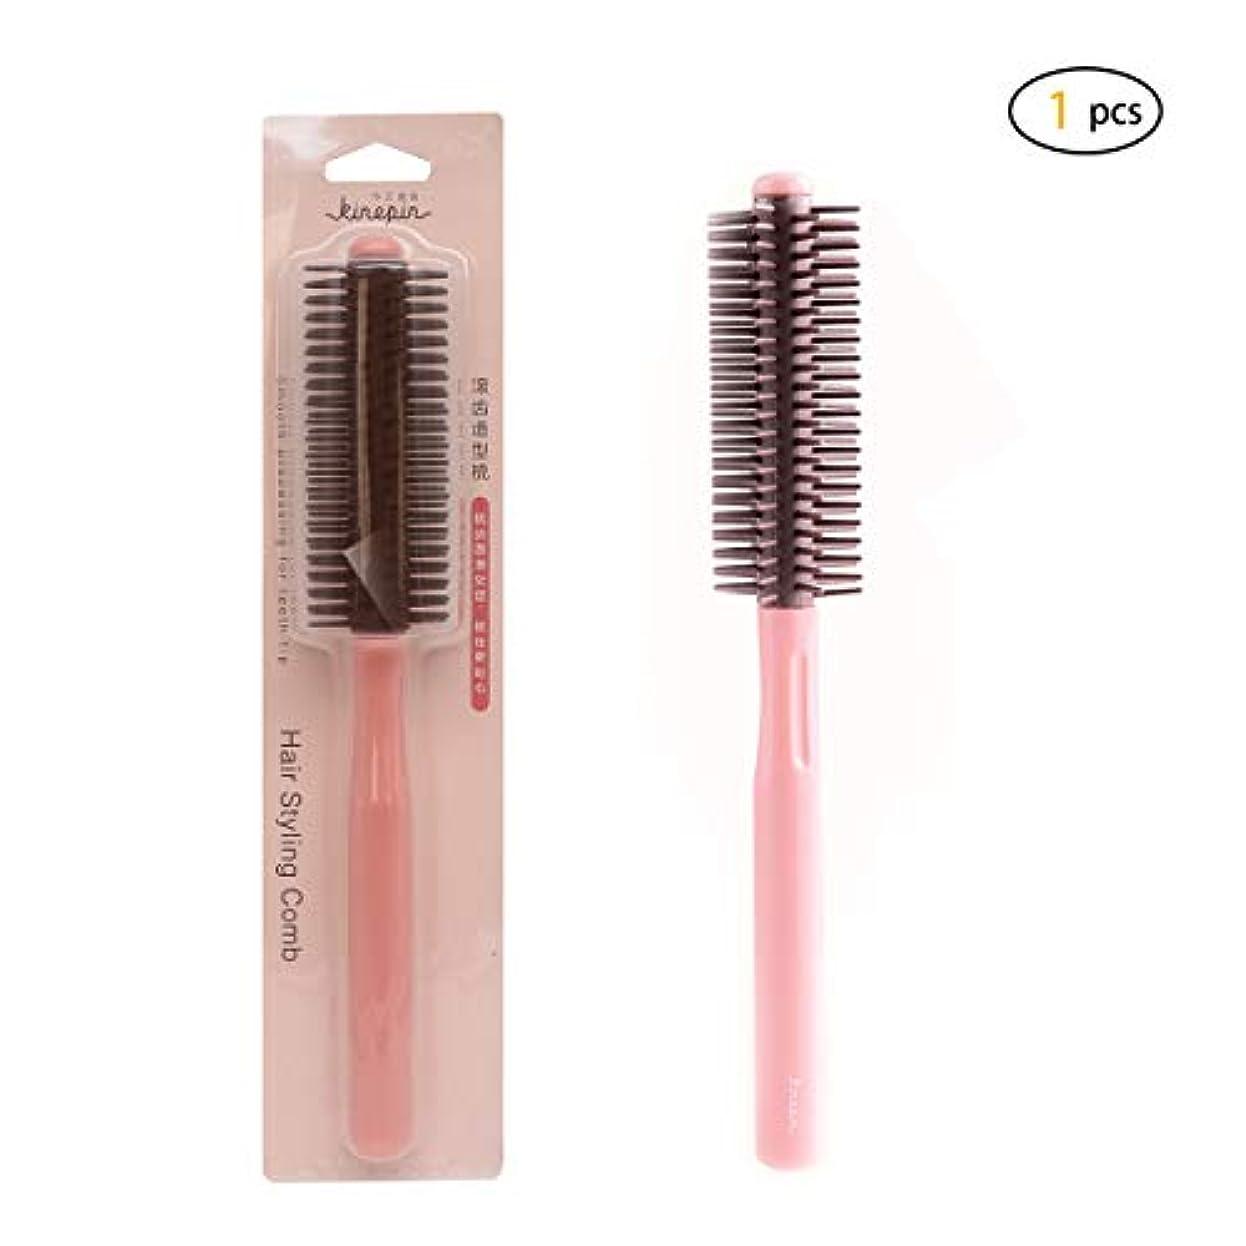 協力不適名声Dofashラウンドスタイリングヘアブラシ - 1.75インチ径 - ブロードライヤー&カーリングロールヘアブラシ女性と男性のためのプラスチック製のハンドル付き - ブロー乾燥カールしながら乾燥した髪と乾いた髪